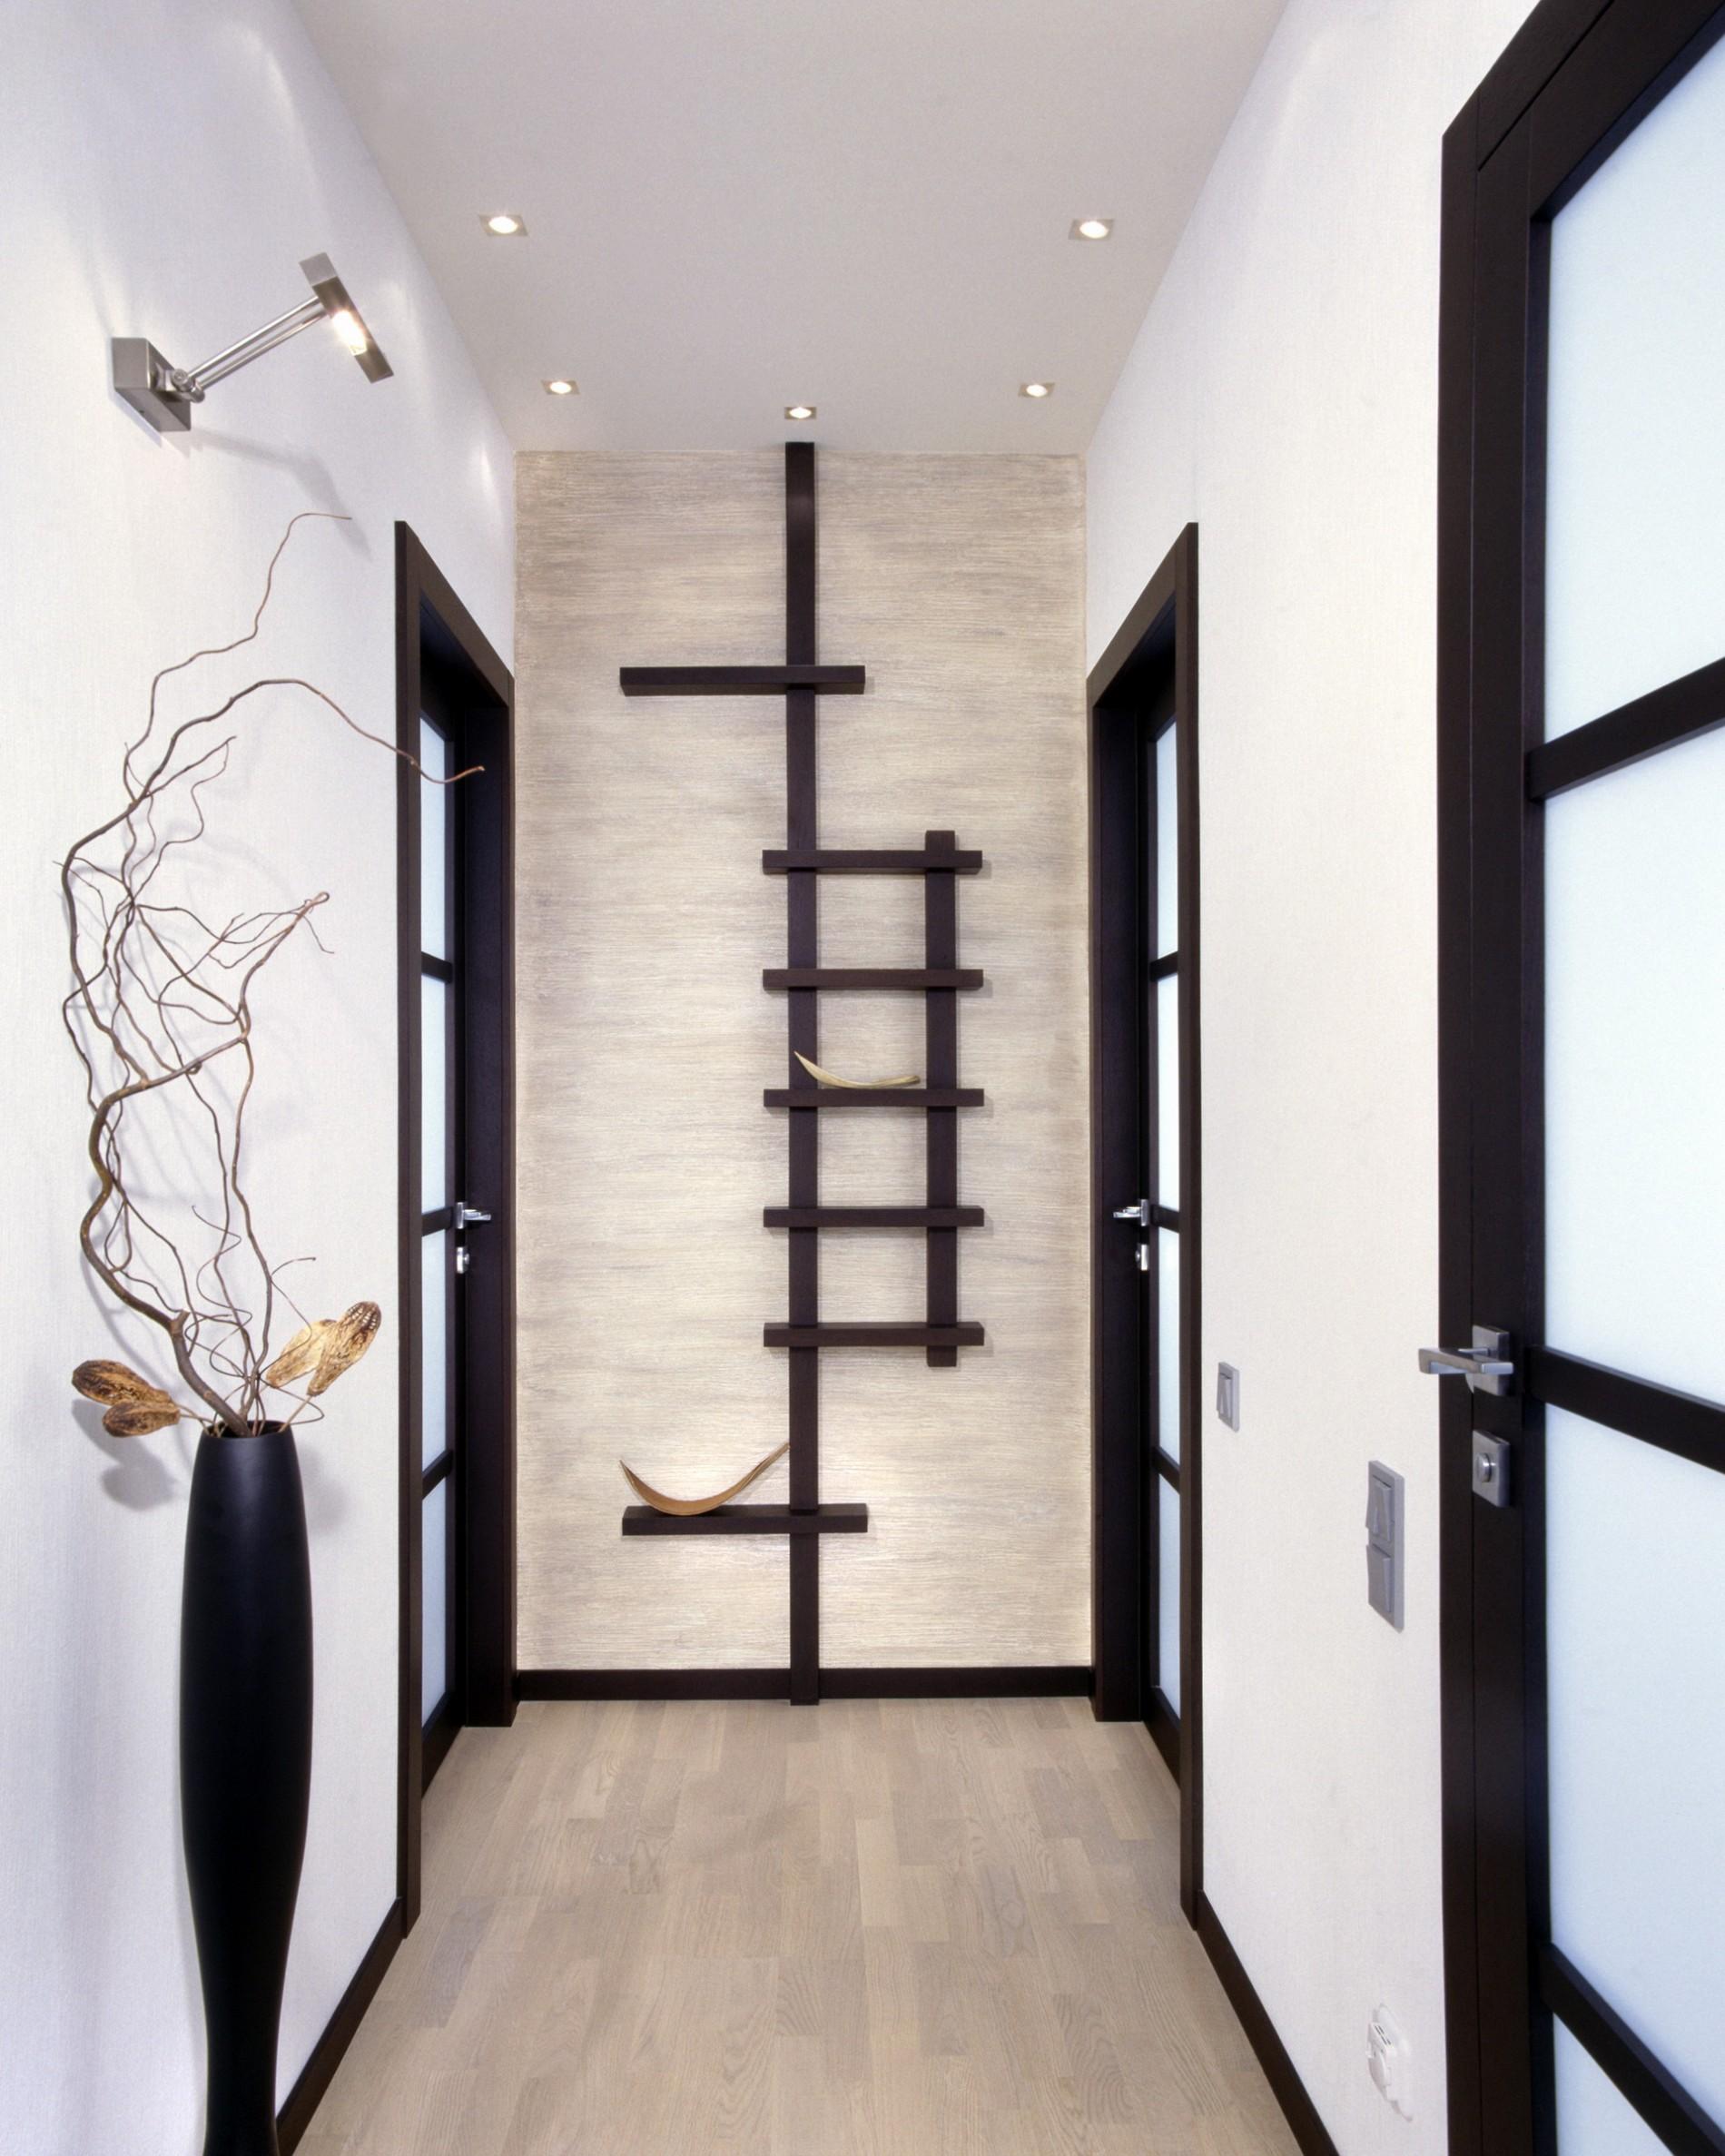 ЖК Мичуринский купить квартиру с дизайном в стиле фьюжн